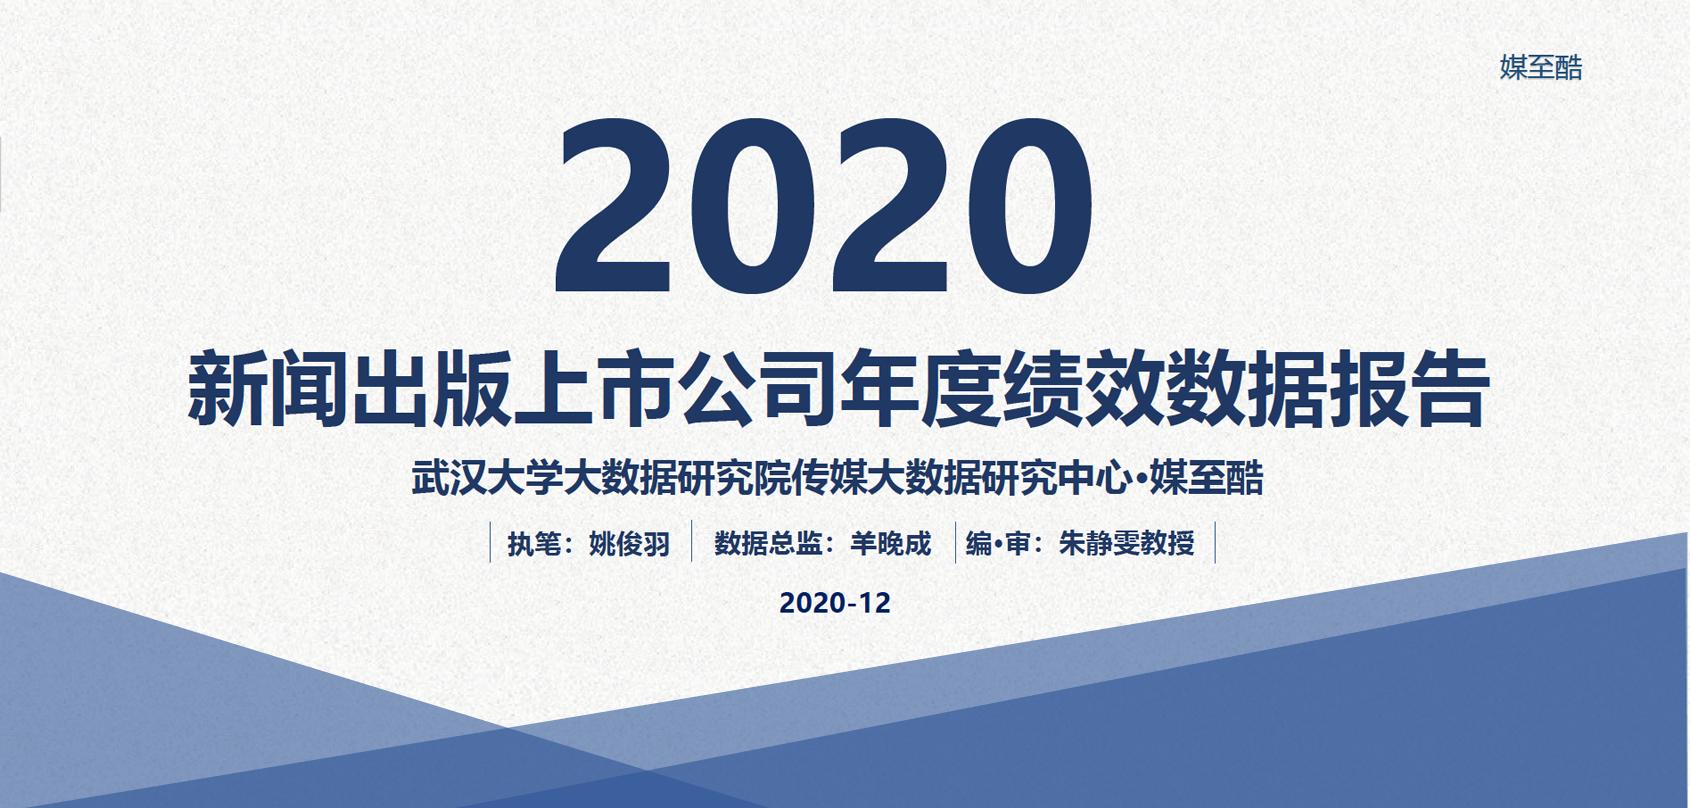 2020新闻出版上市公司年度绩效数据报告